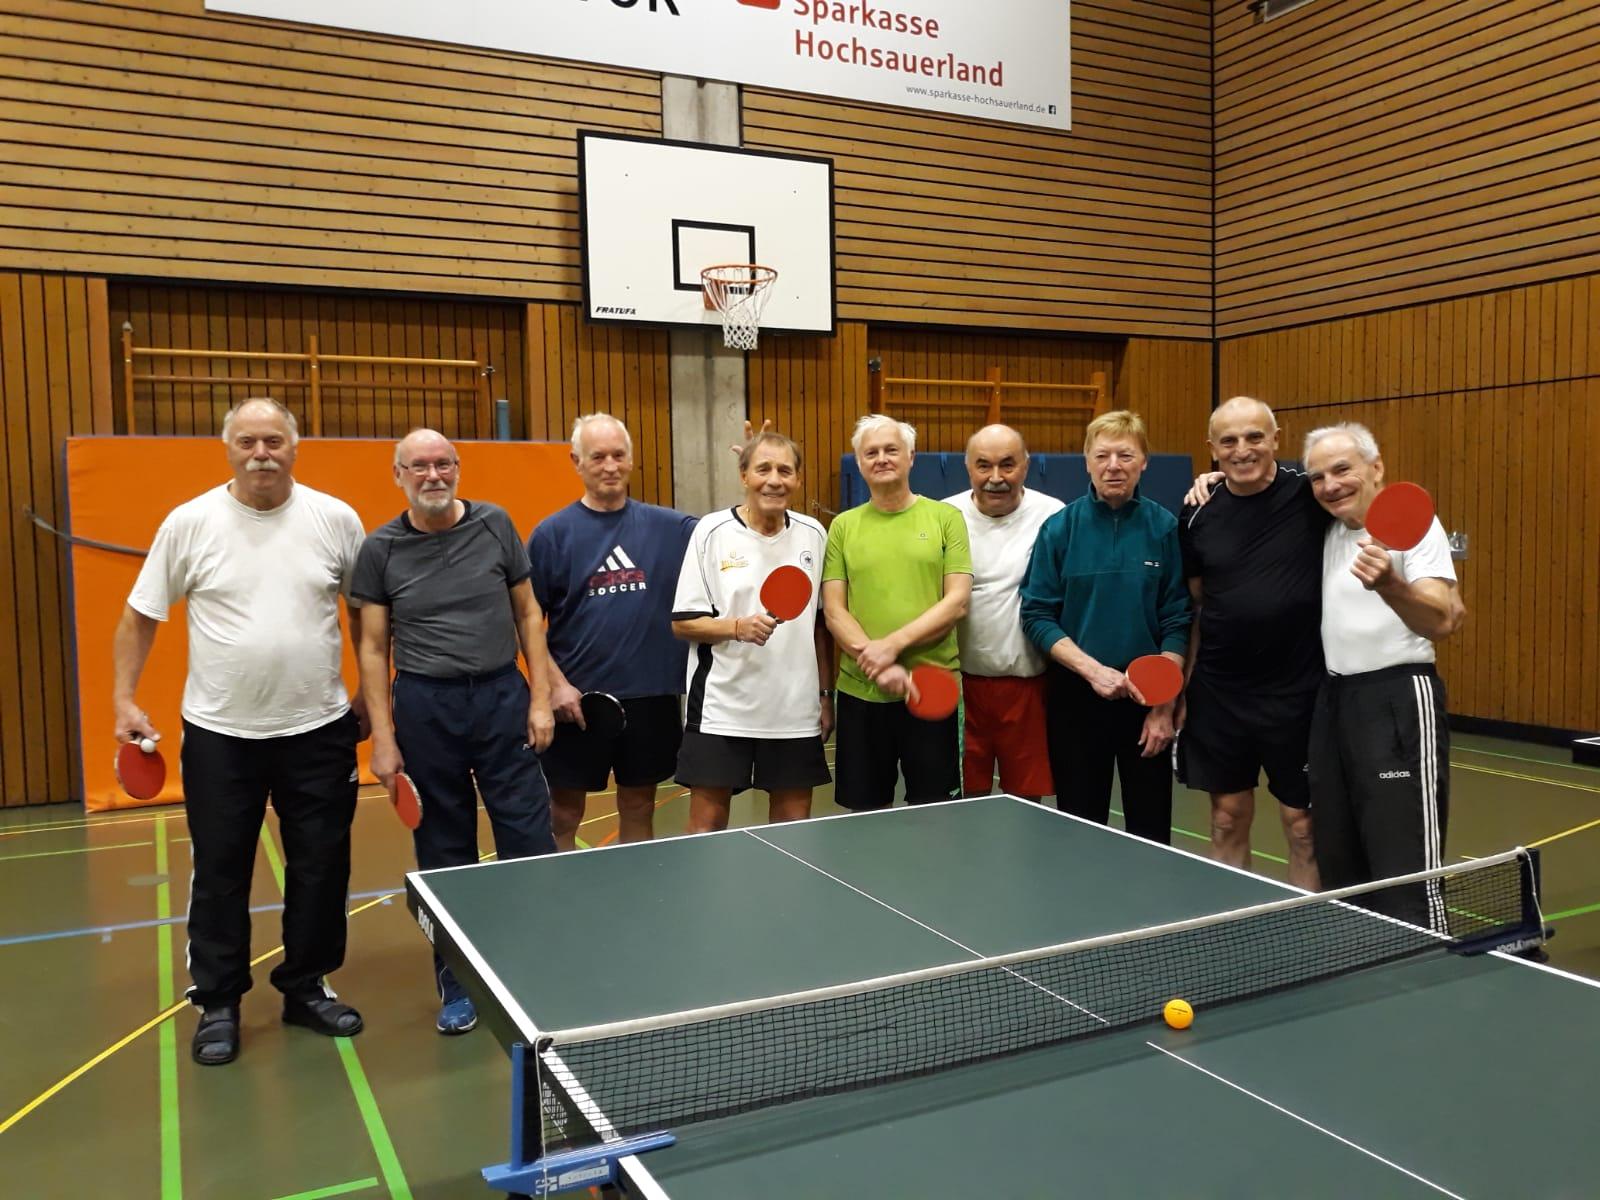 Die älteren Alten Herren des SVB treffen sich regelmäßig zum Tischtennis spielen.